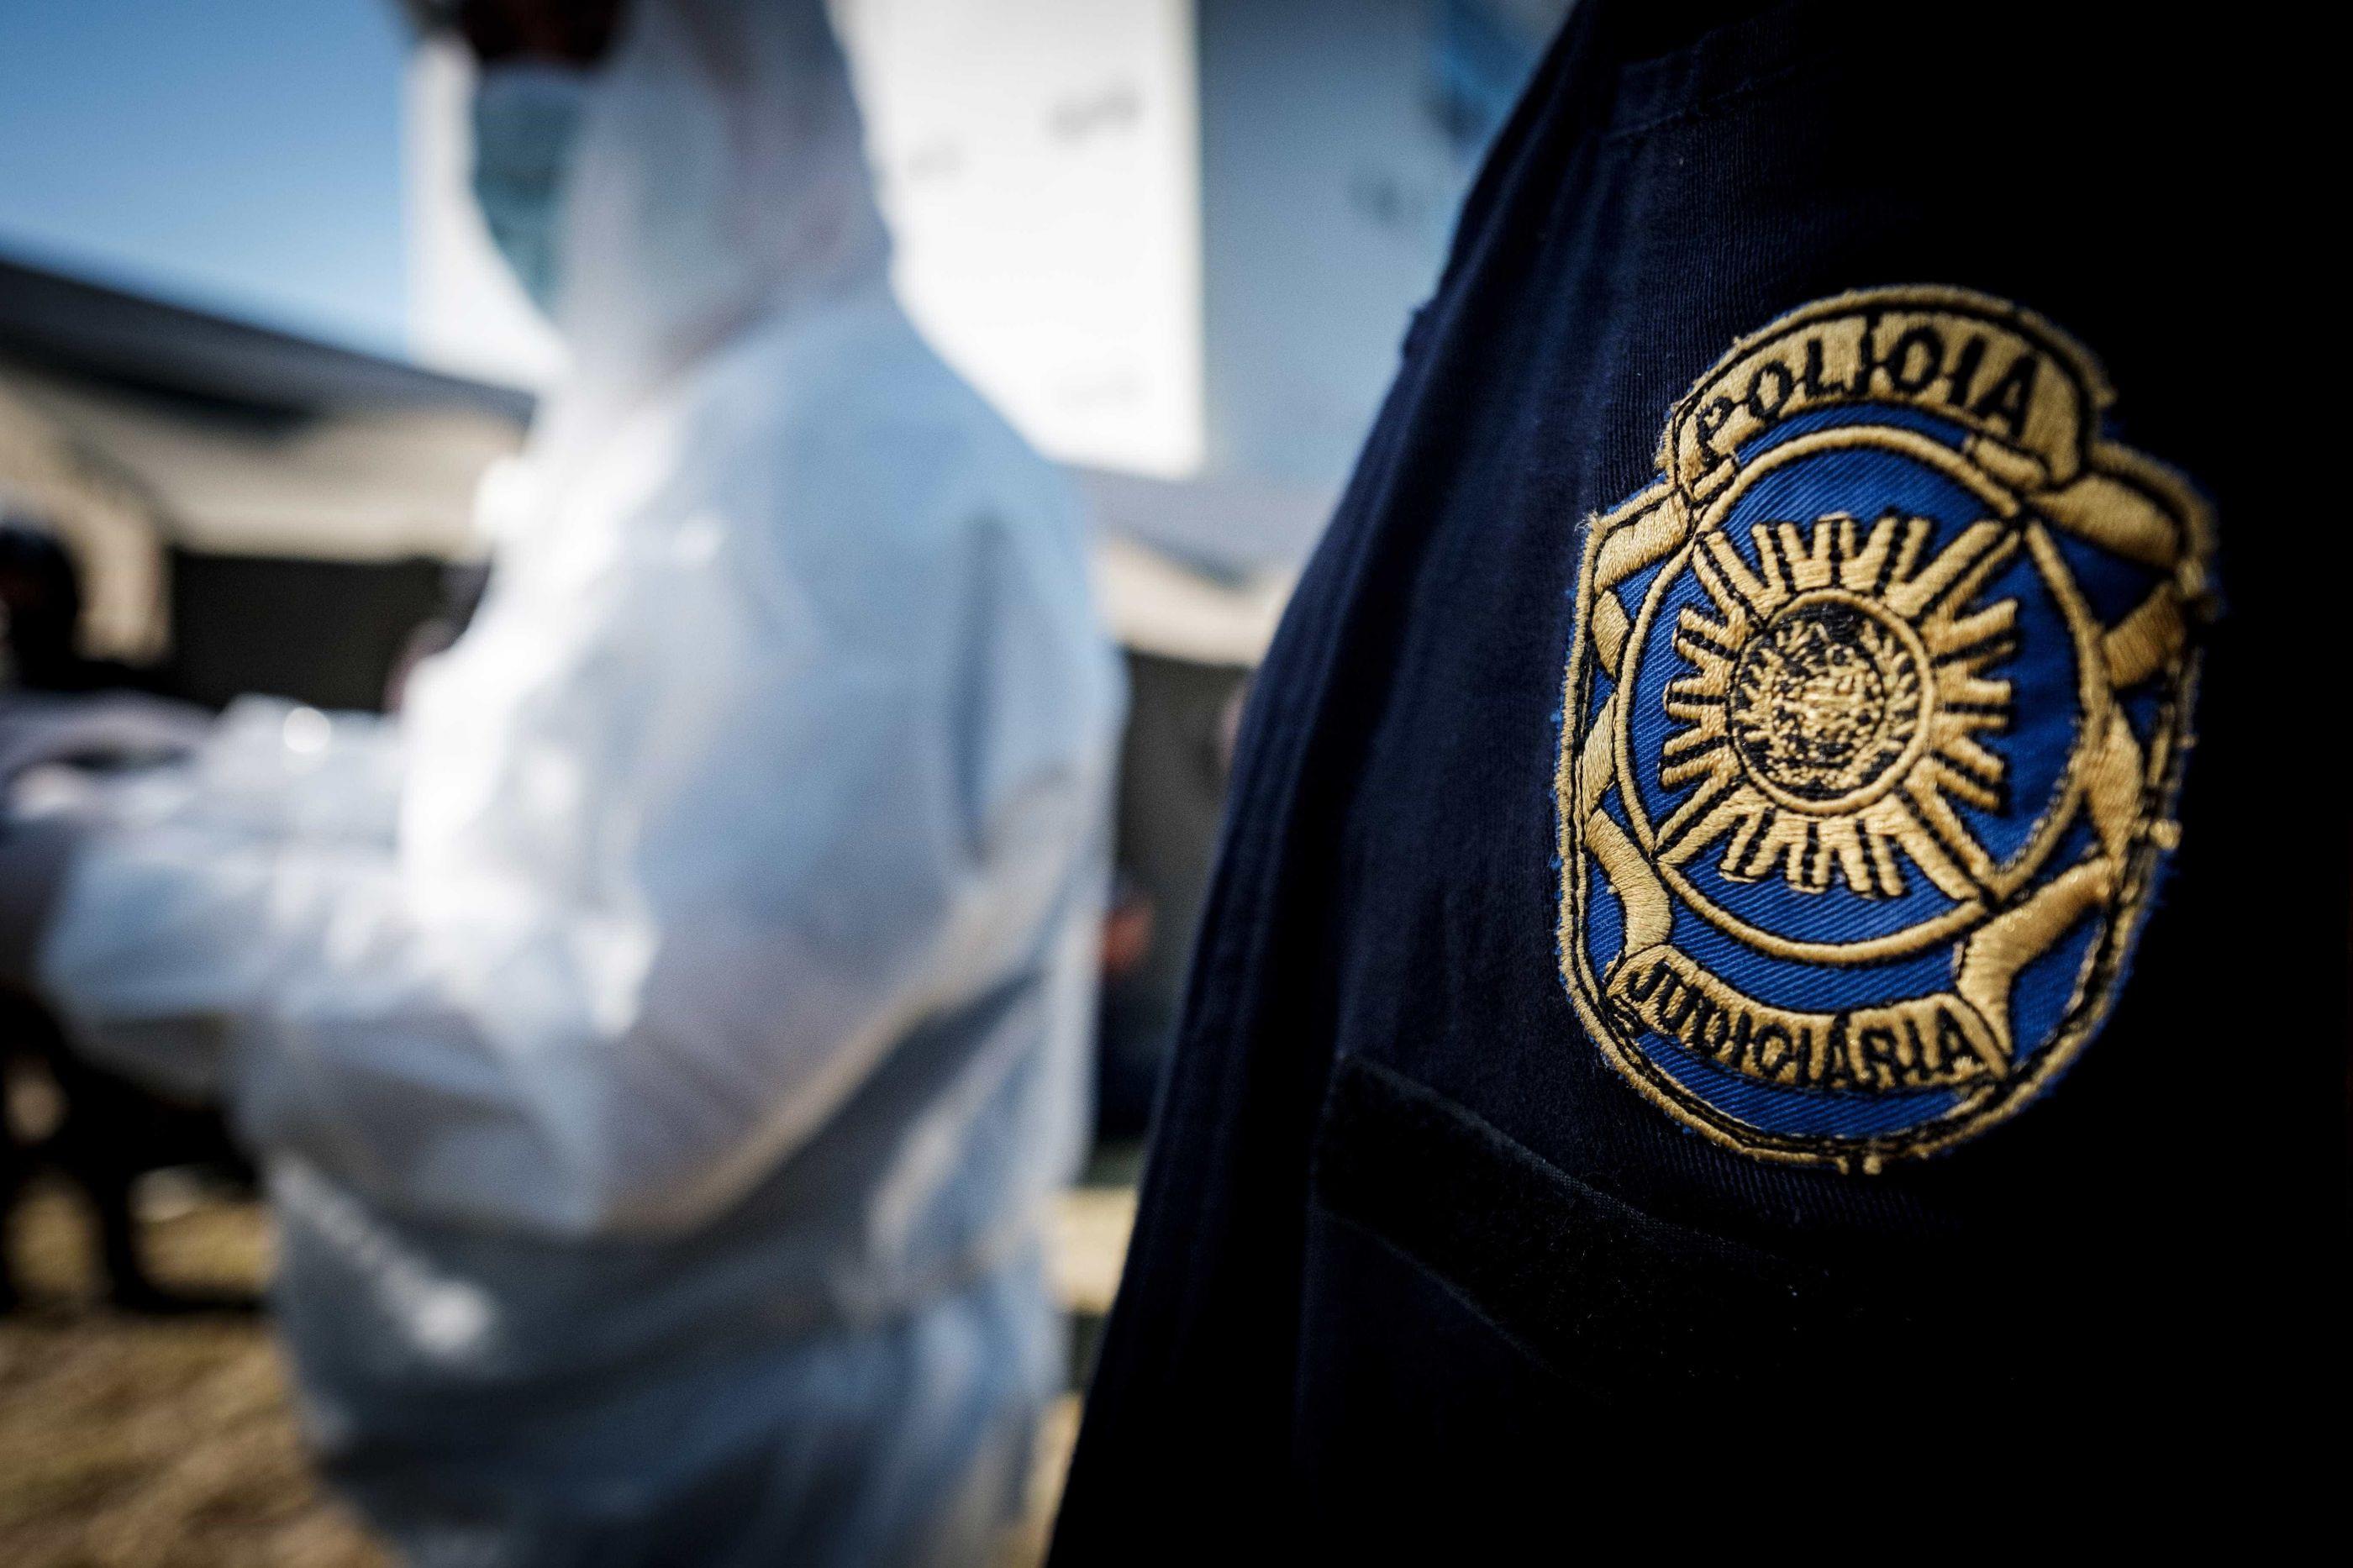 PJ investiga sequestro e roubo de estudante em Aveiro